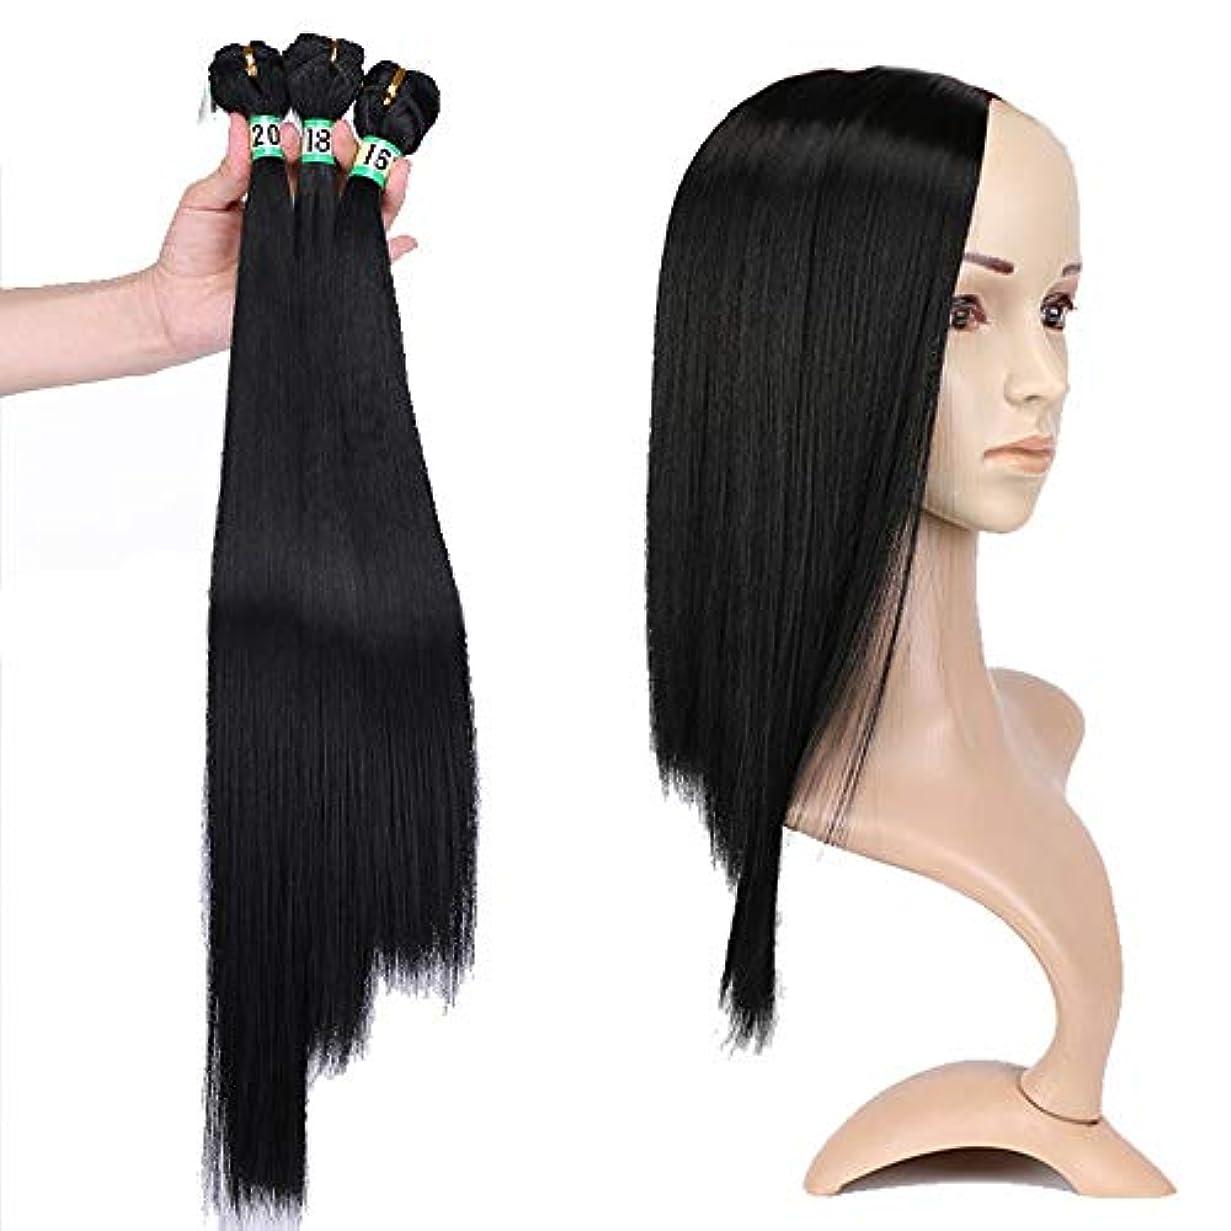 リーフレット新鮮なブリッジHOHYLLYA 人工毛絹のようなストレートの髪織り3バンドル - 1Bナチュラルブラックヘアエクステンション(16